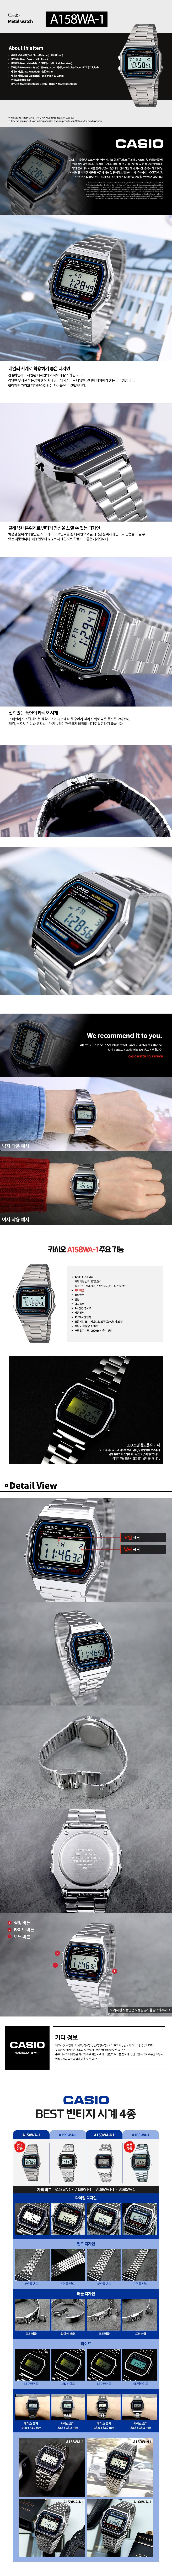 카시오(CASIO) A158WA-1 남여공용 메탈밴드 손목시계